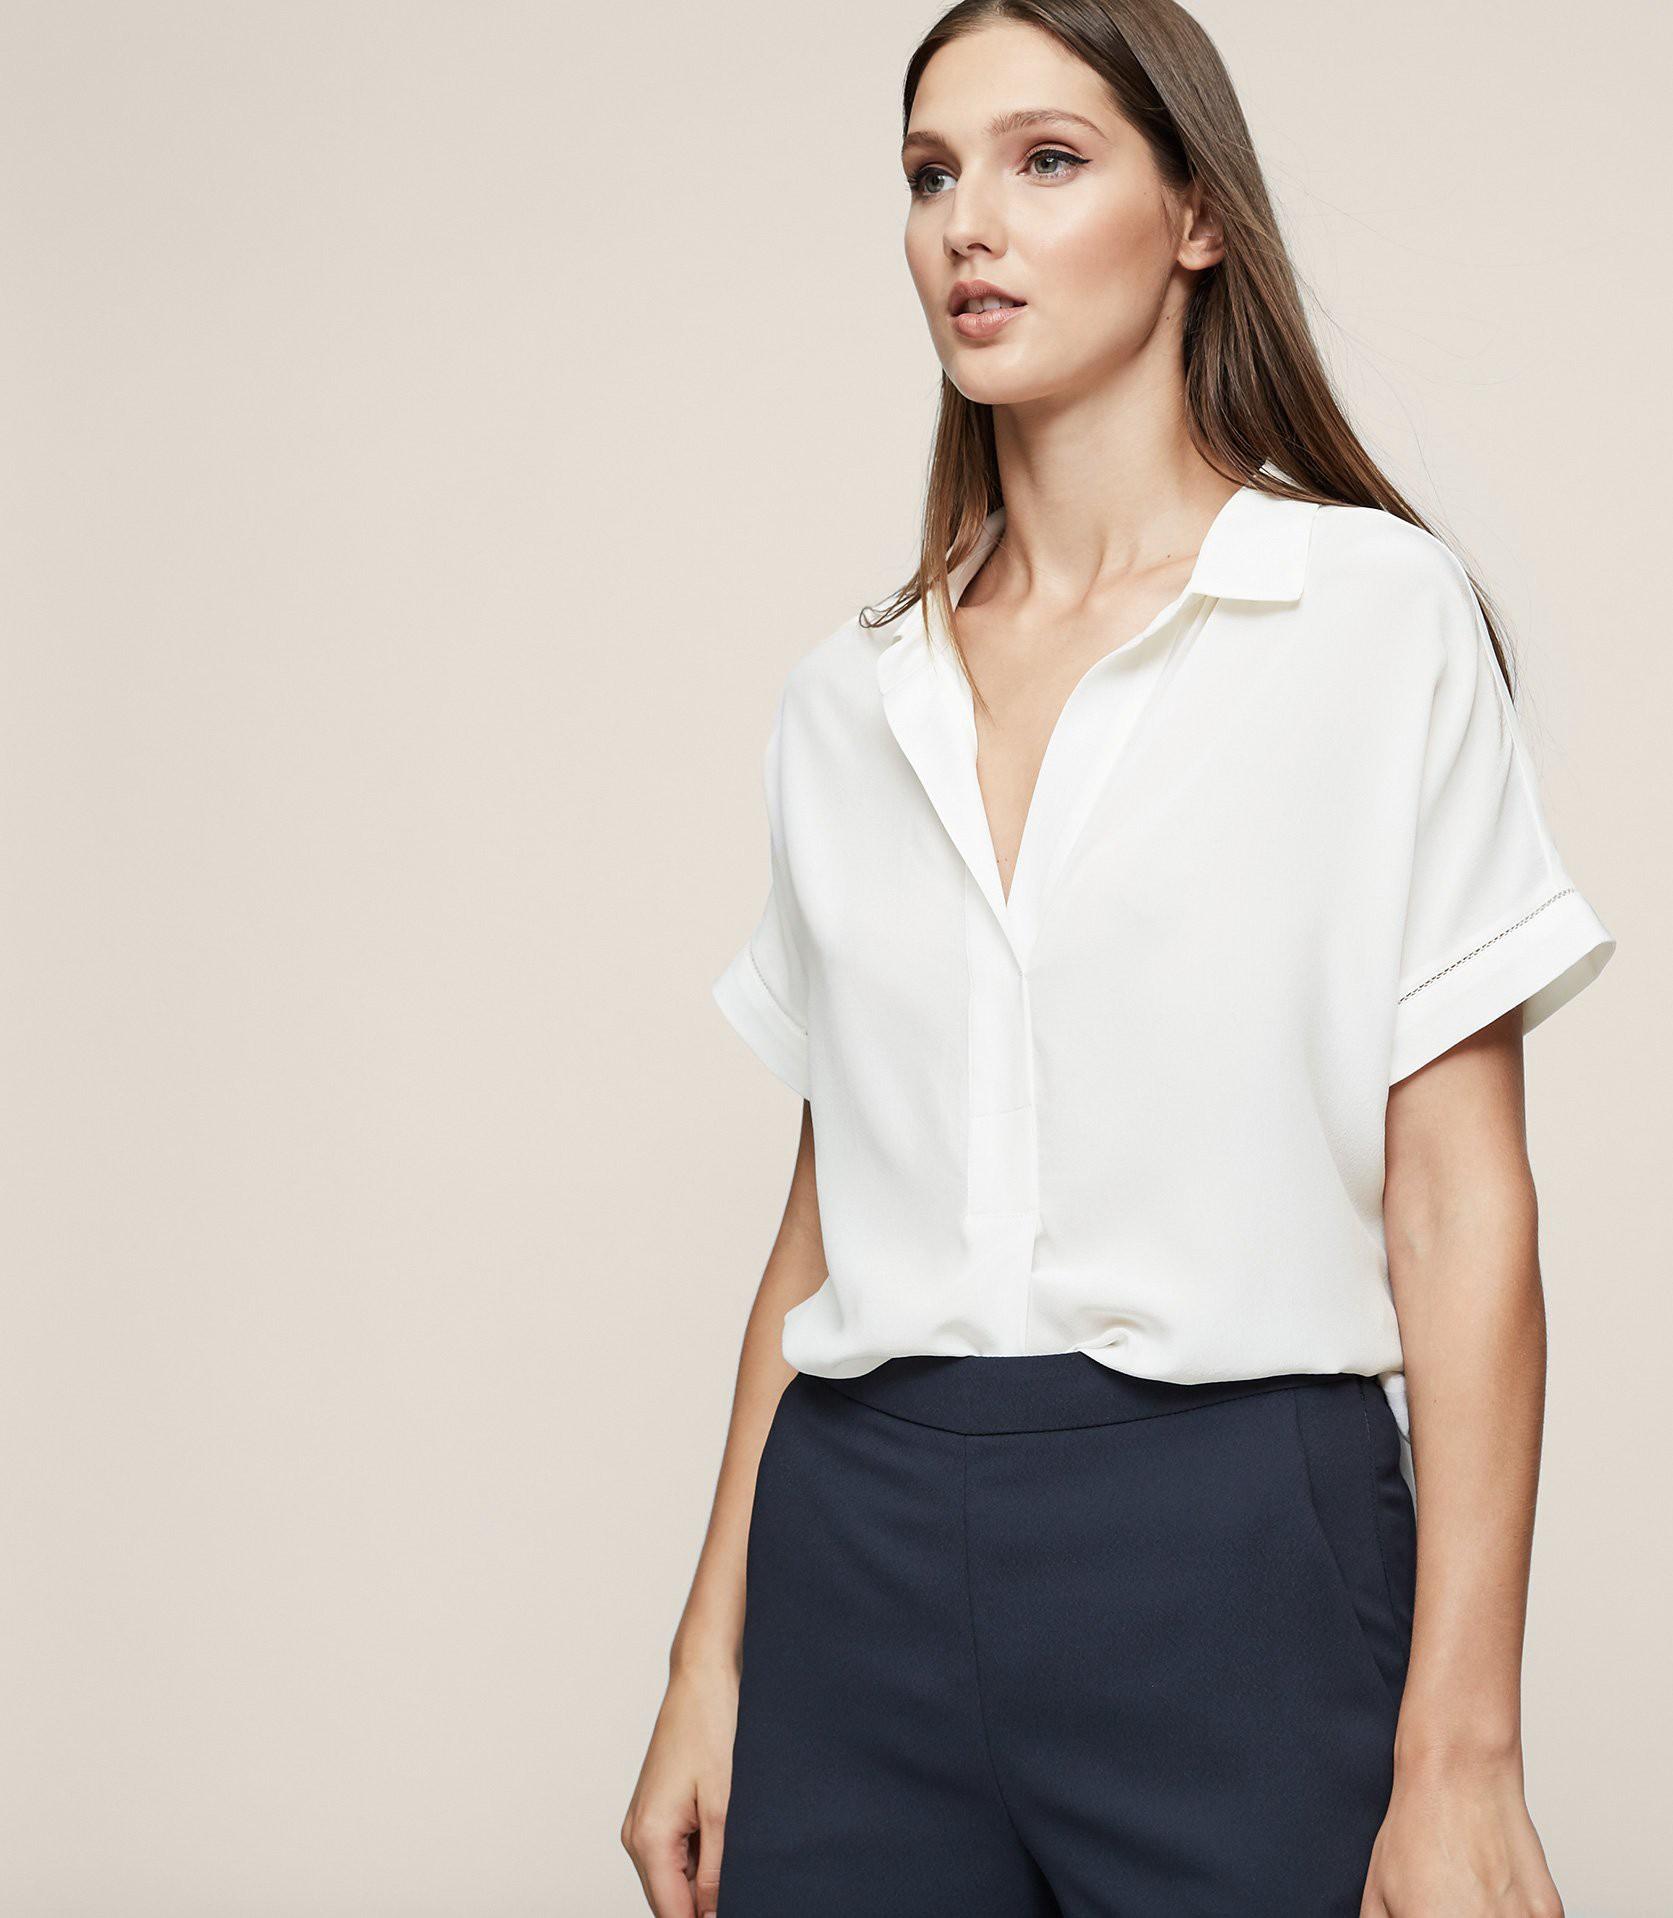 8a69b62f648359 Reiss Palma Open Collar Silk Shirt Off White - 10